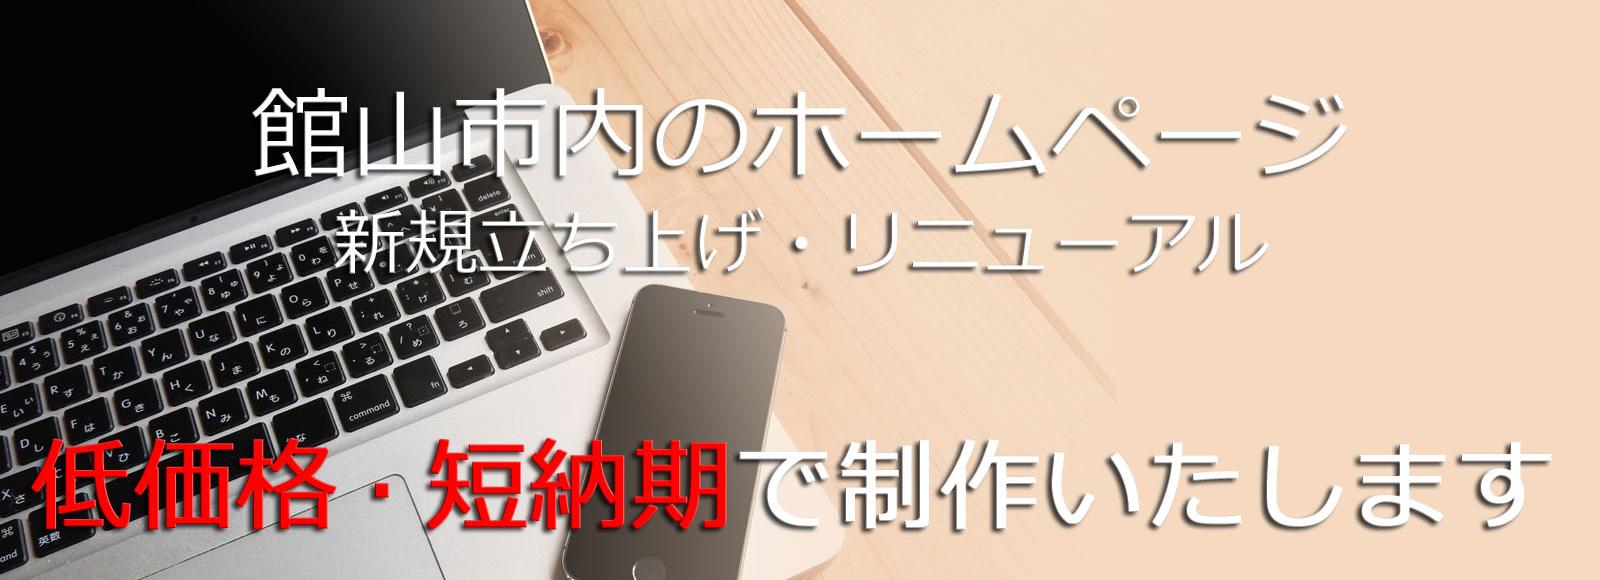 館山市のホームページ制作